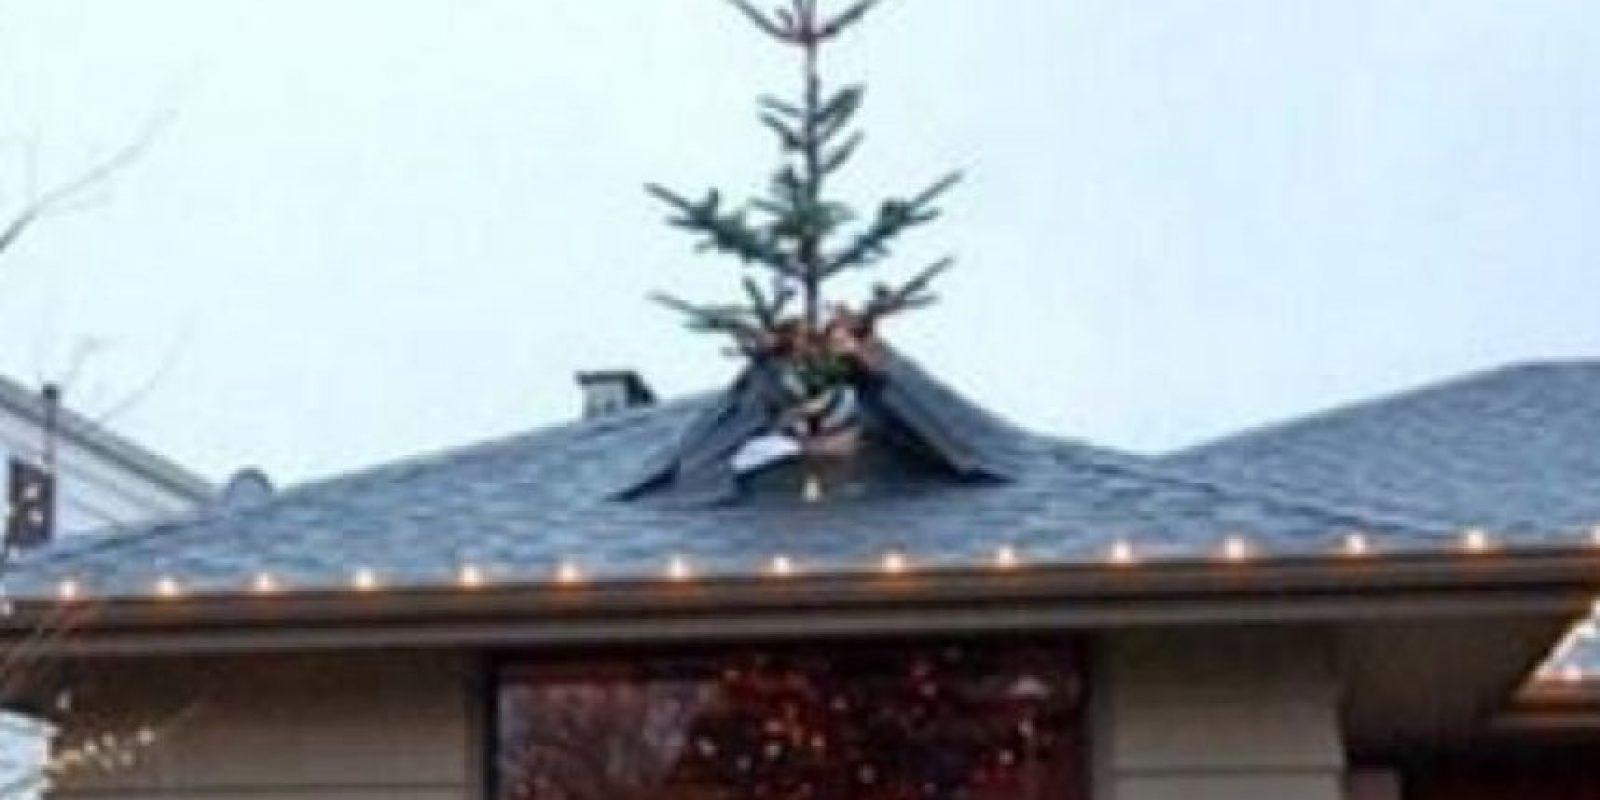 No pudieorn elegir otro árbol, por eso deicidieron destruír el tejado. Foto:Know Your Meme